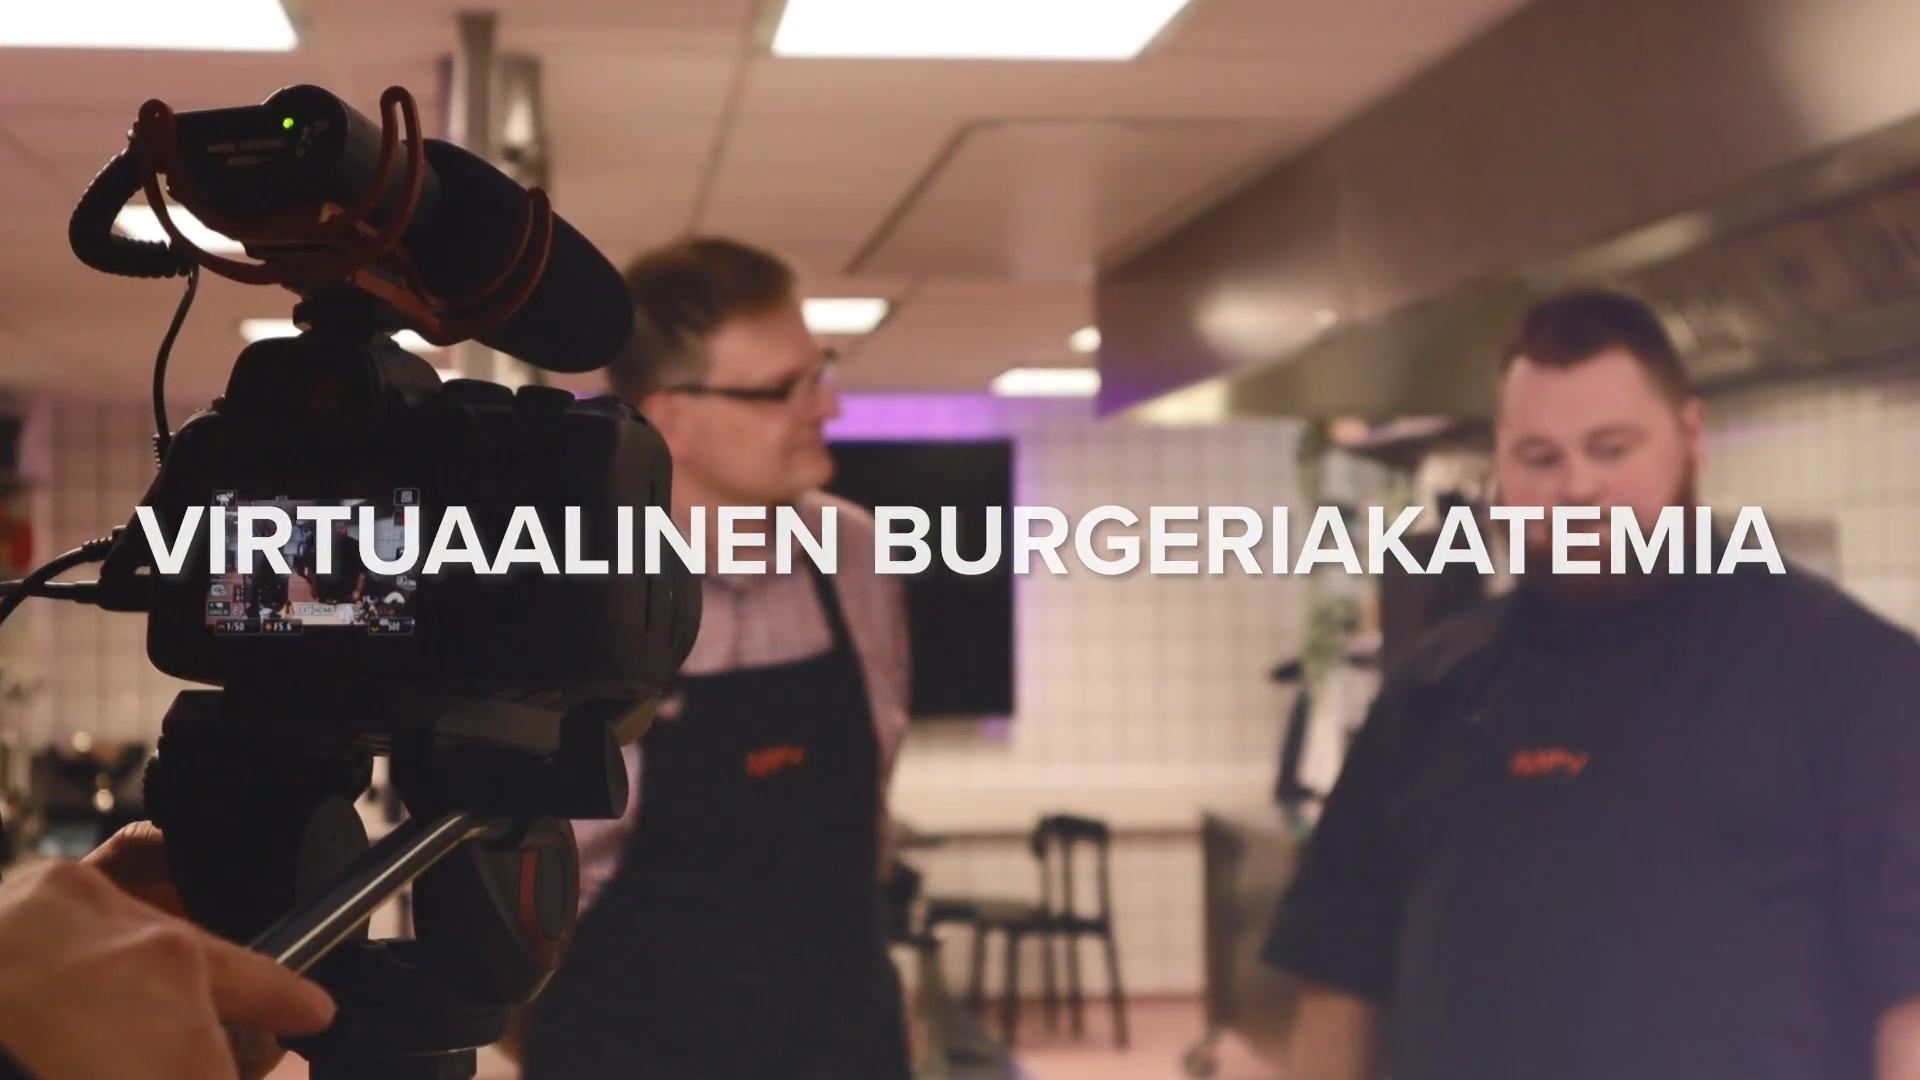 Virtuaalinen Burgeriakatemia_BTS_video